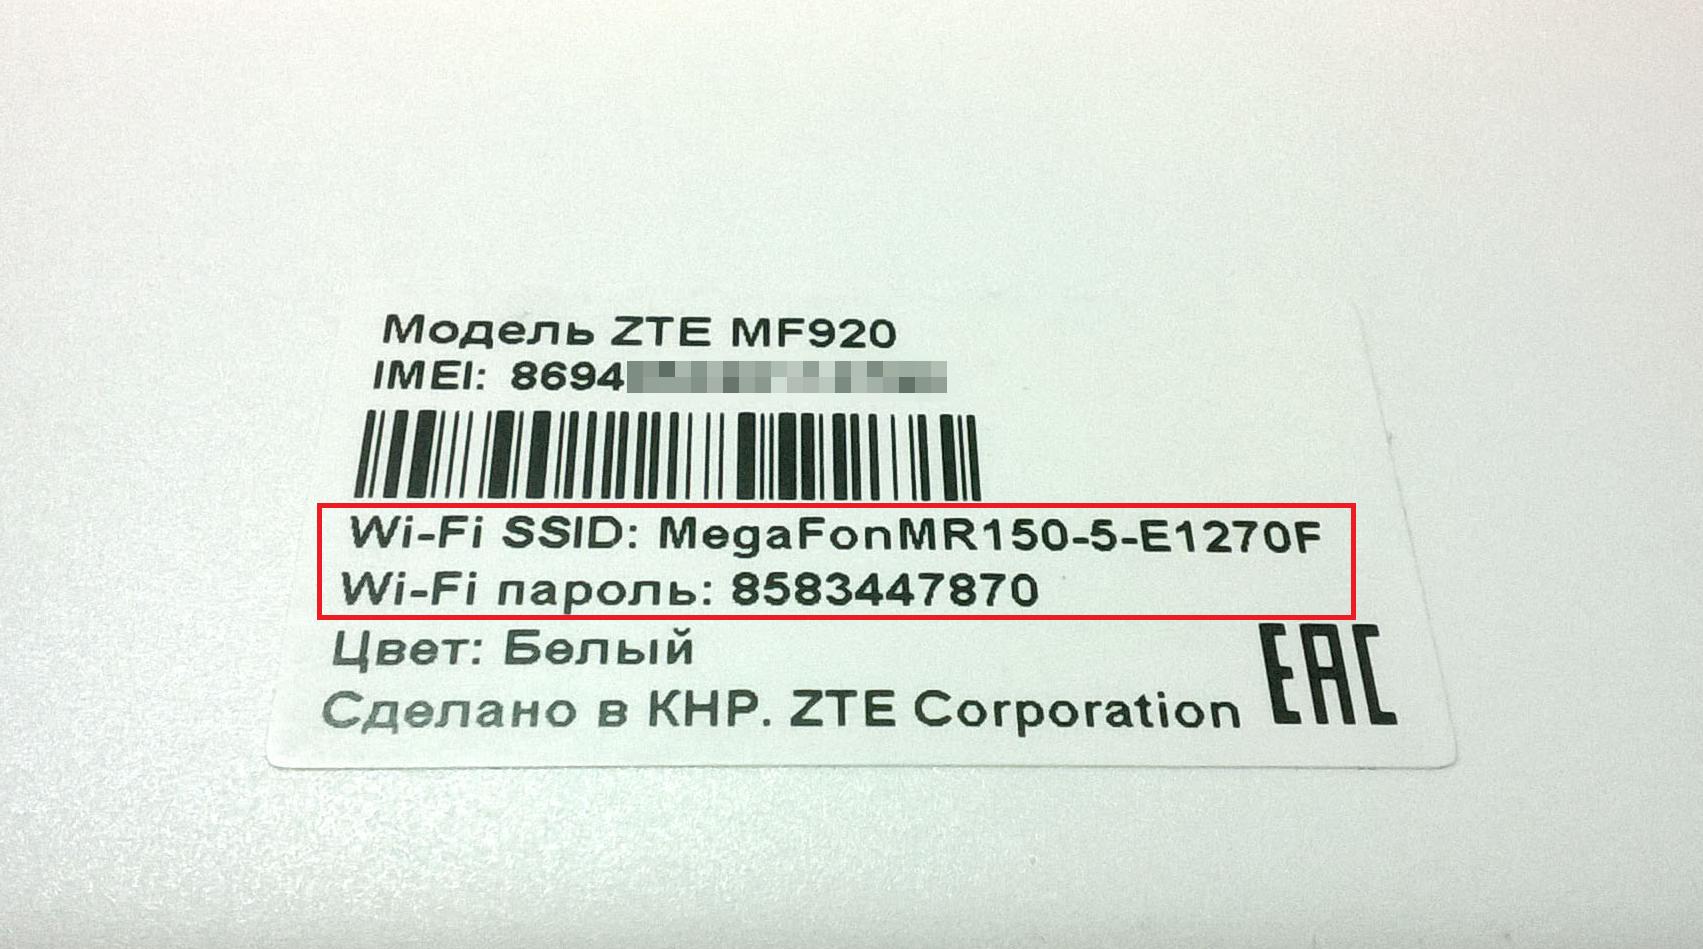 Рис. 4. Код доступа к беспроводной сети.